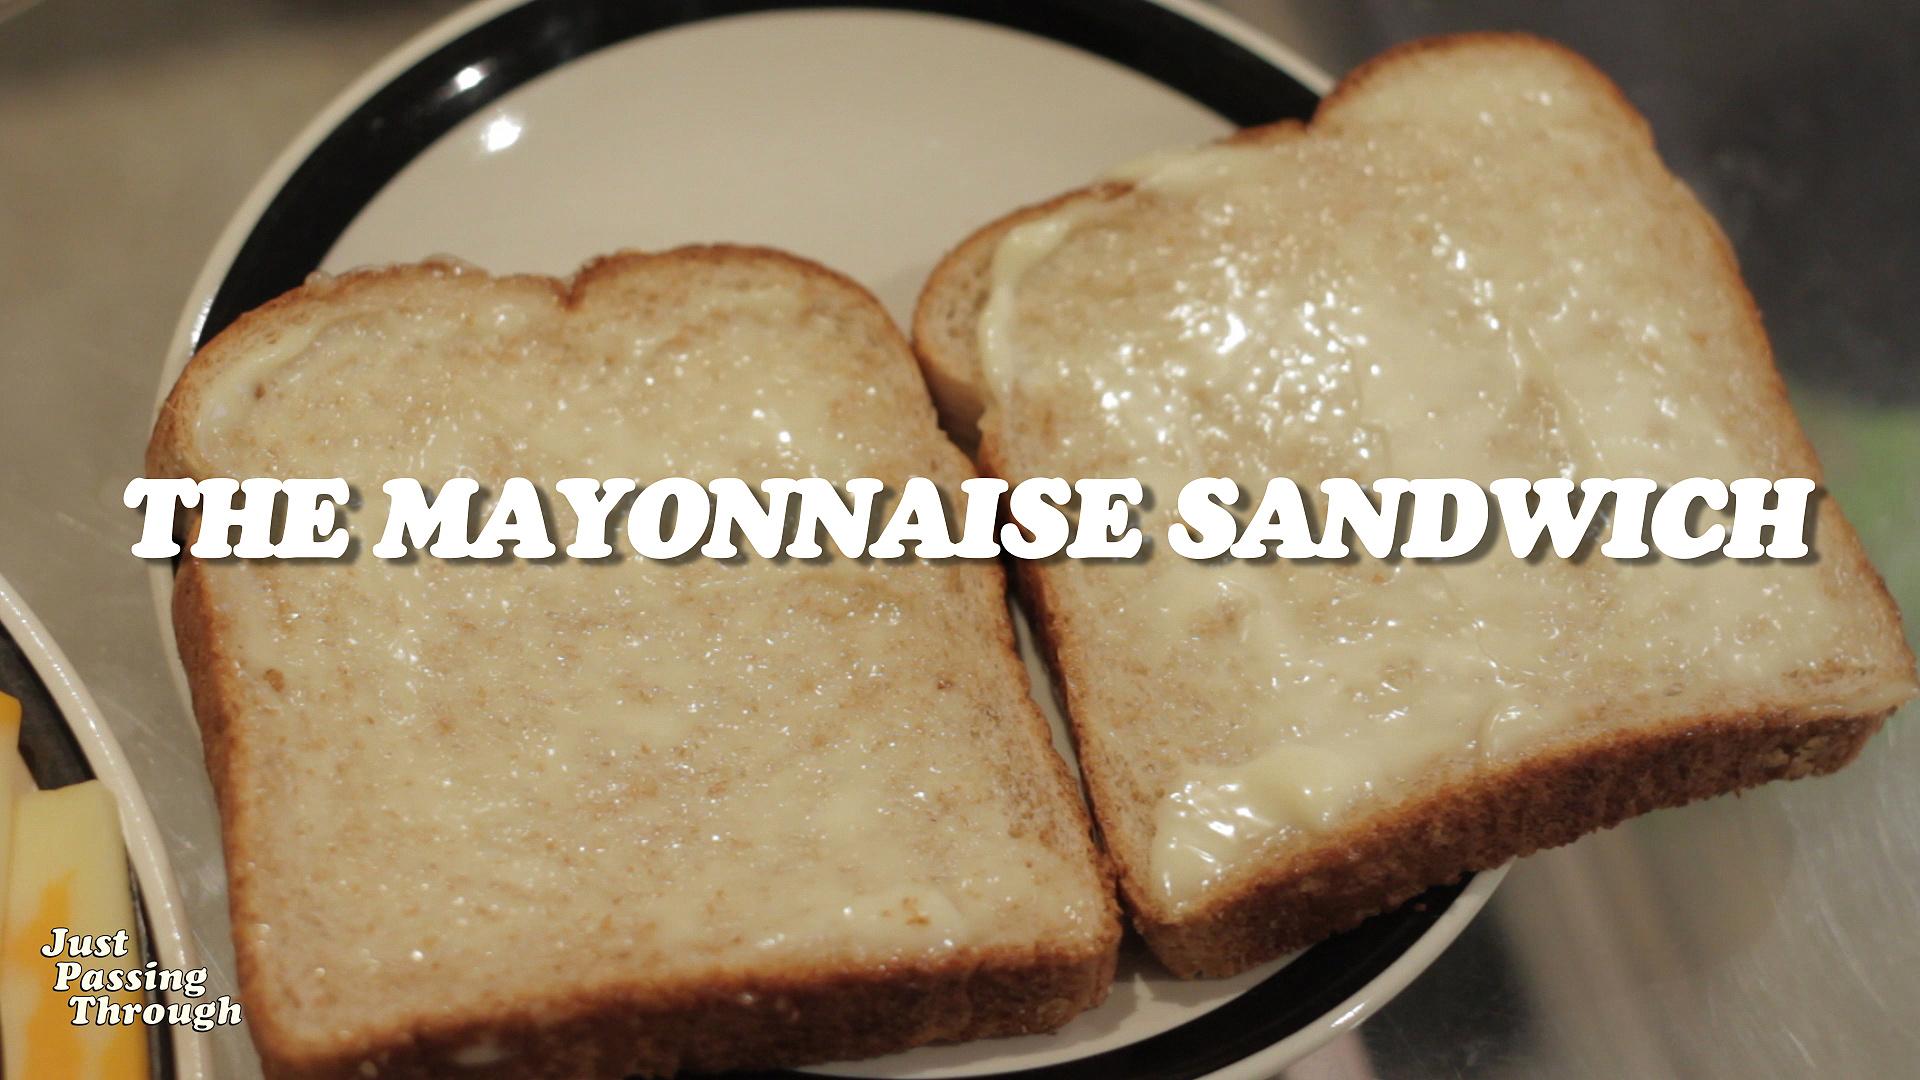 The Mayonnaise Sandwich